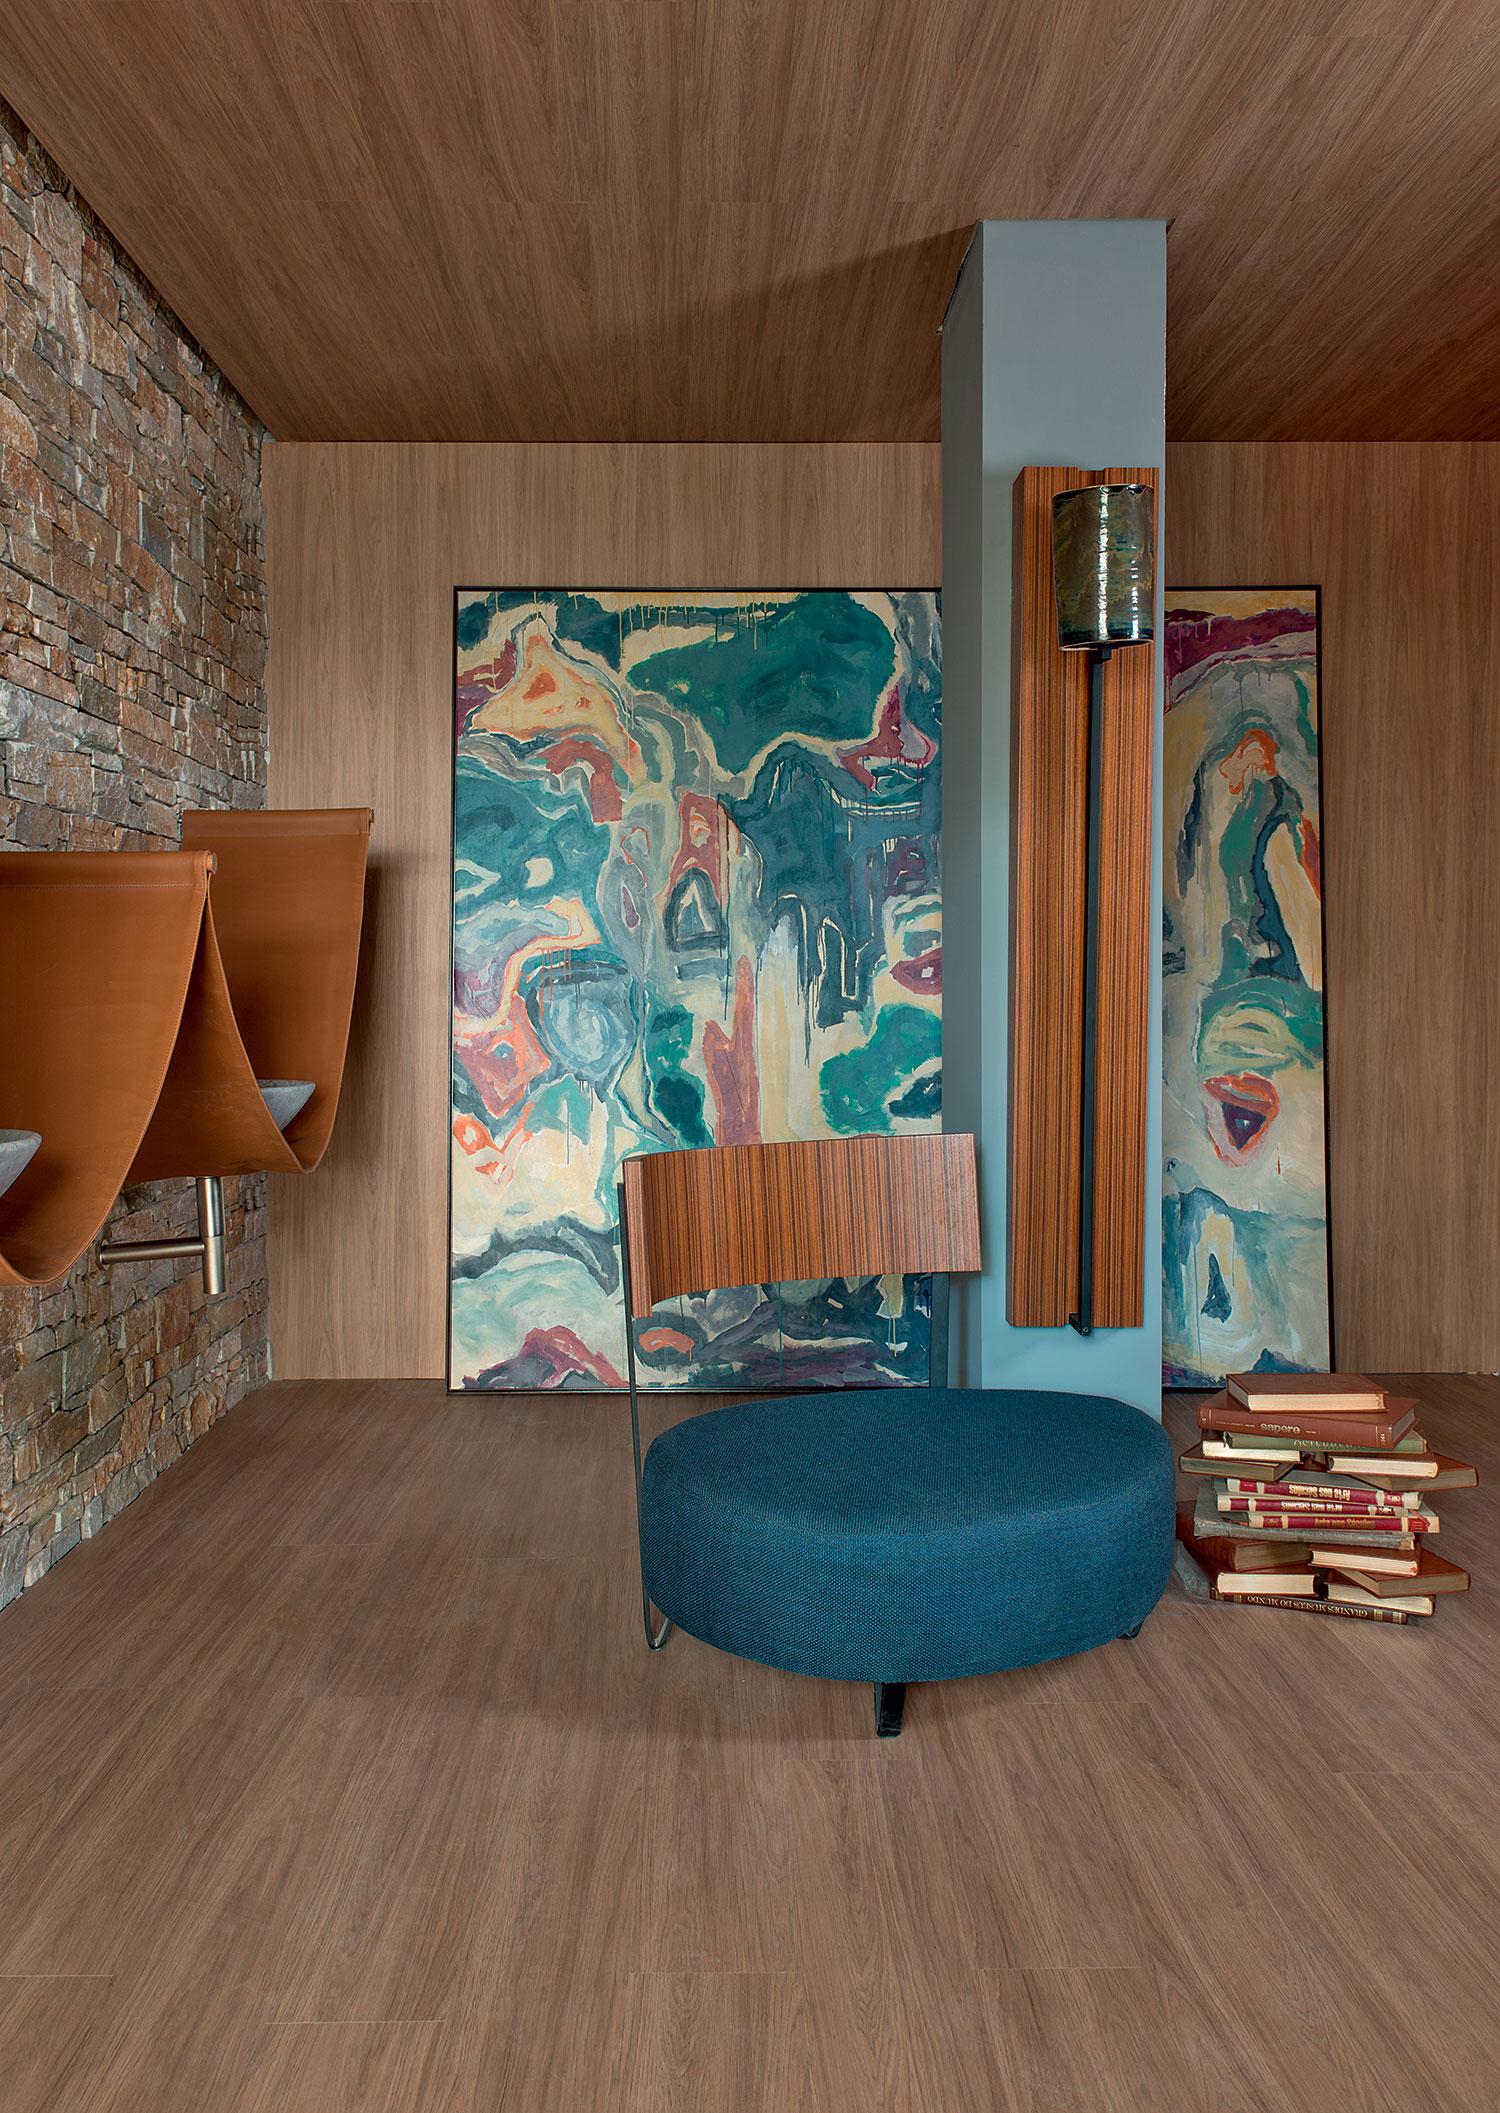 quadro parede banheiro colorido